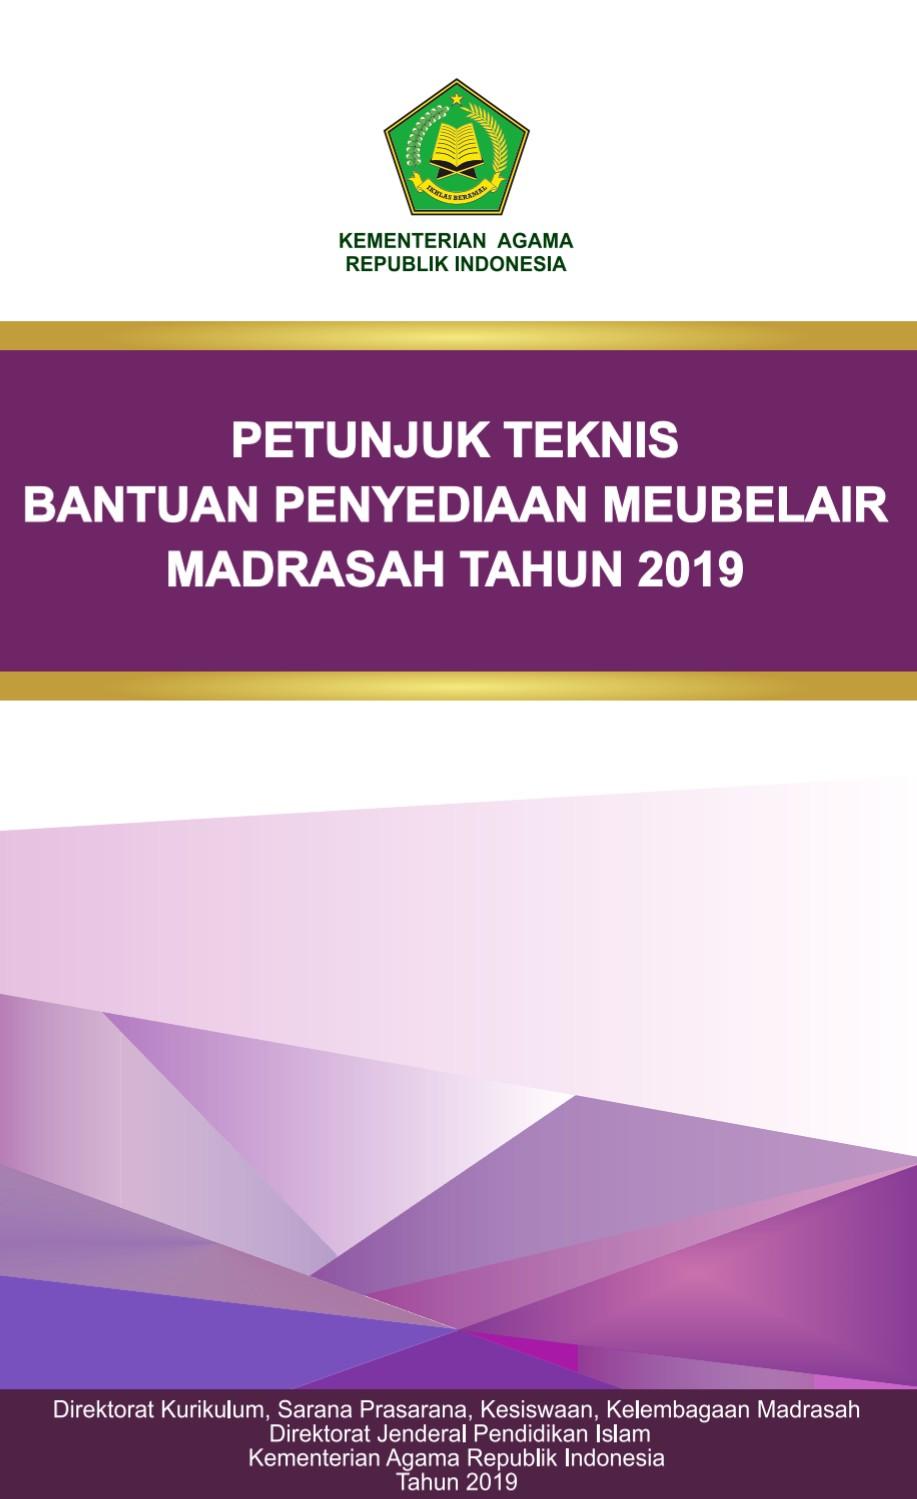 Juknis Emis 2019 : juknis, PETUNJUK, TEKNIS, (JUKNIS), BANTUAN, PENYEDIAAN, MEUBELAIR, MADRASAH, TAHUN, ANGGARAN